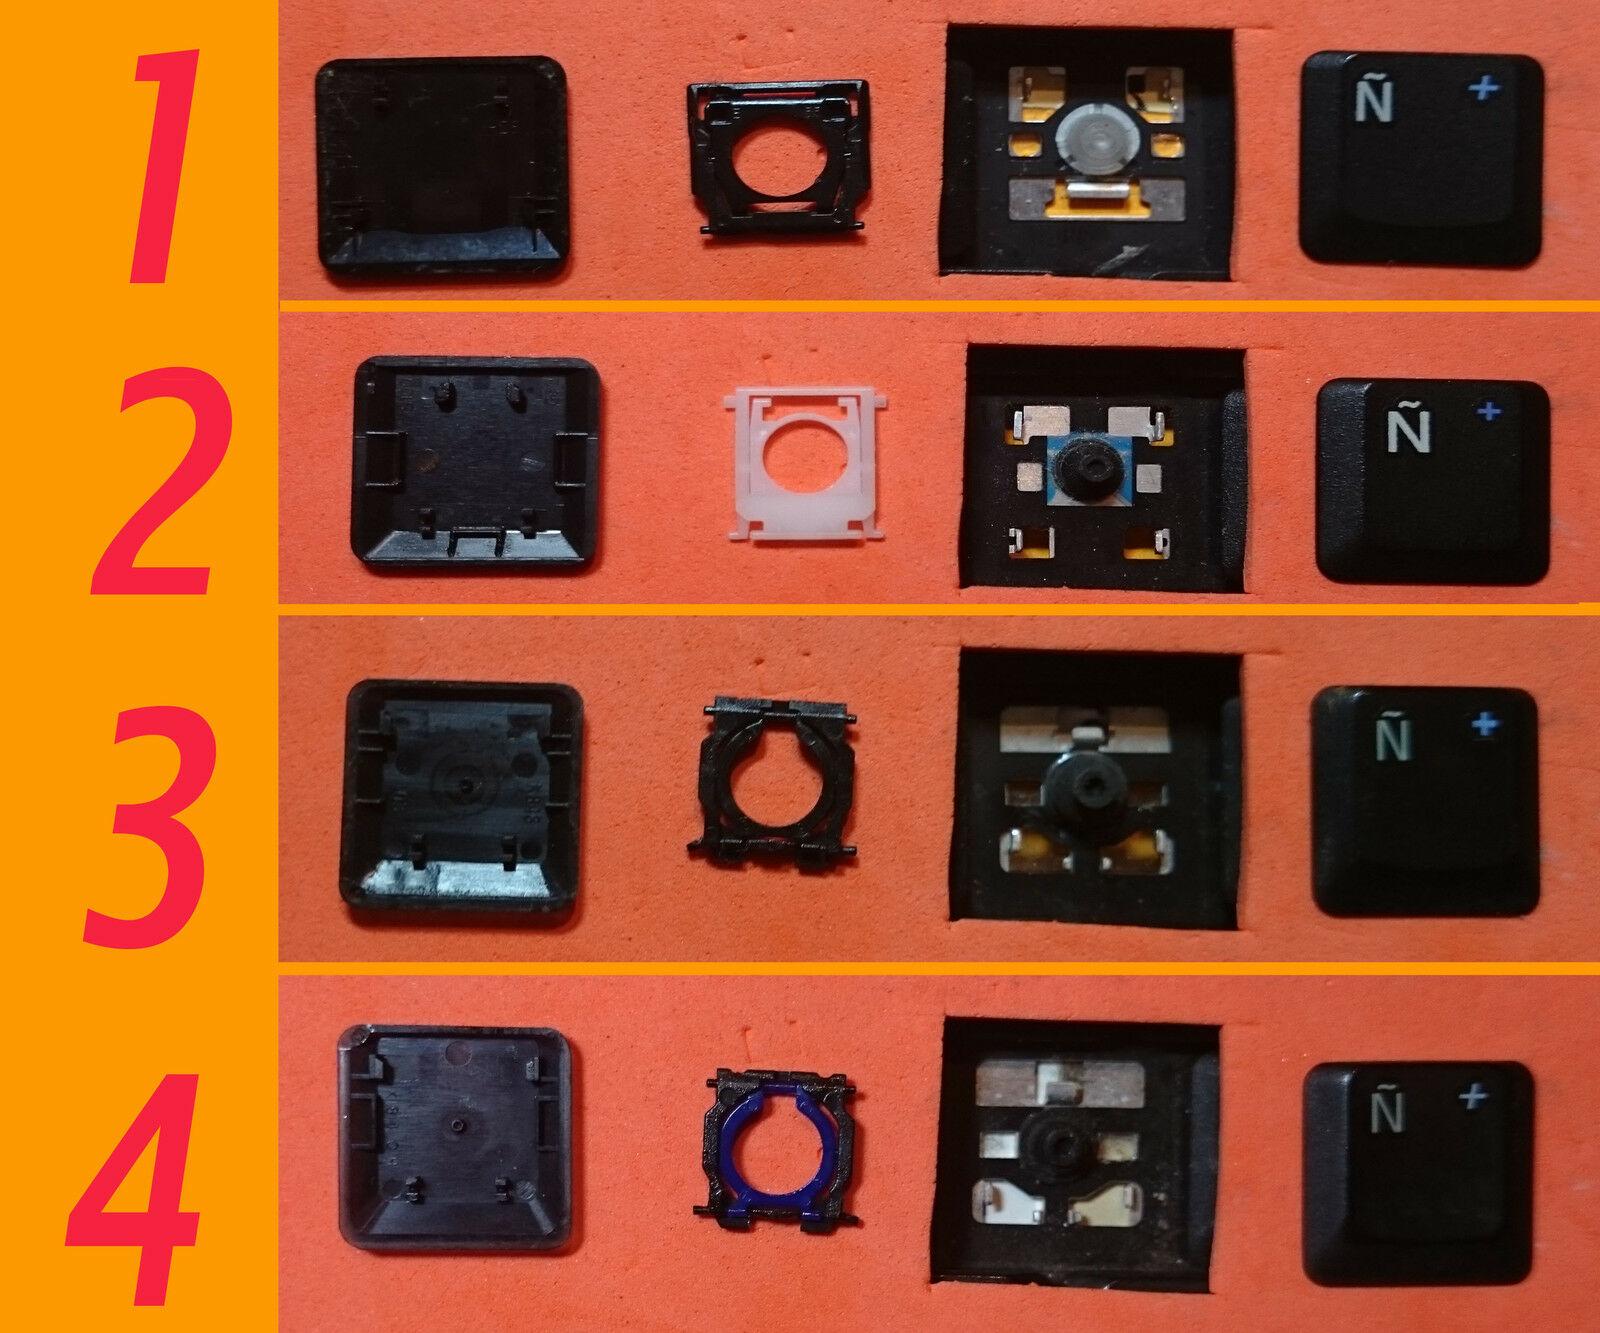 TECLA TECLAS DE TECLADO ASUS Z83SV Z83T Z8309D Z83M Z83D Z83DC Z8309D